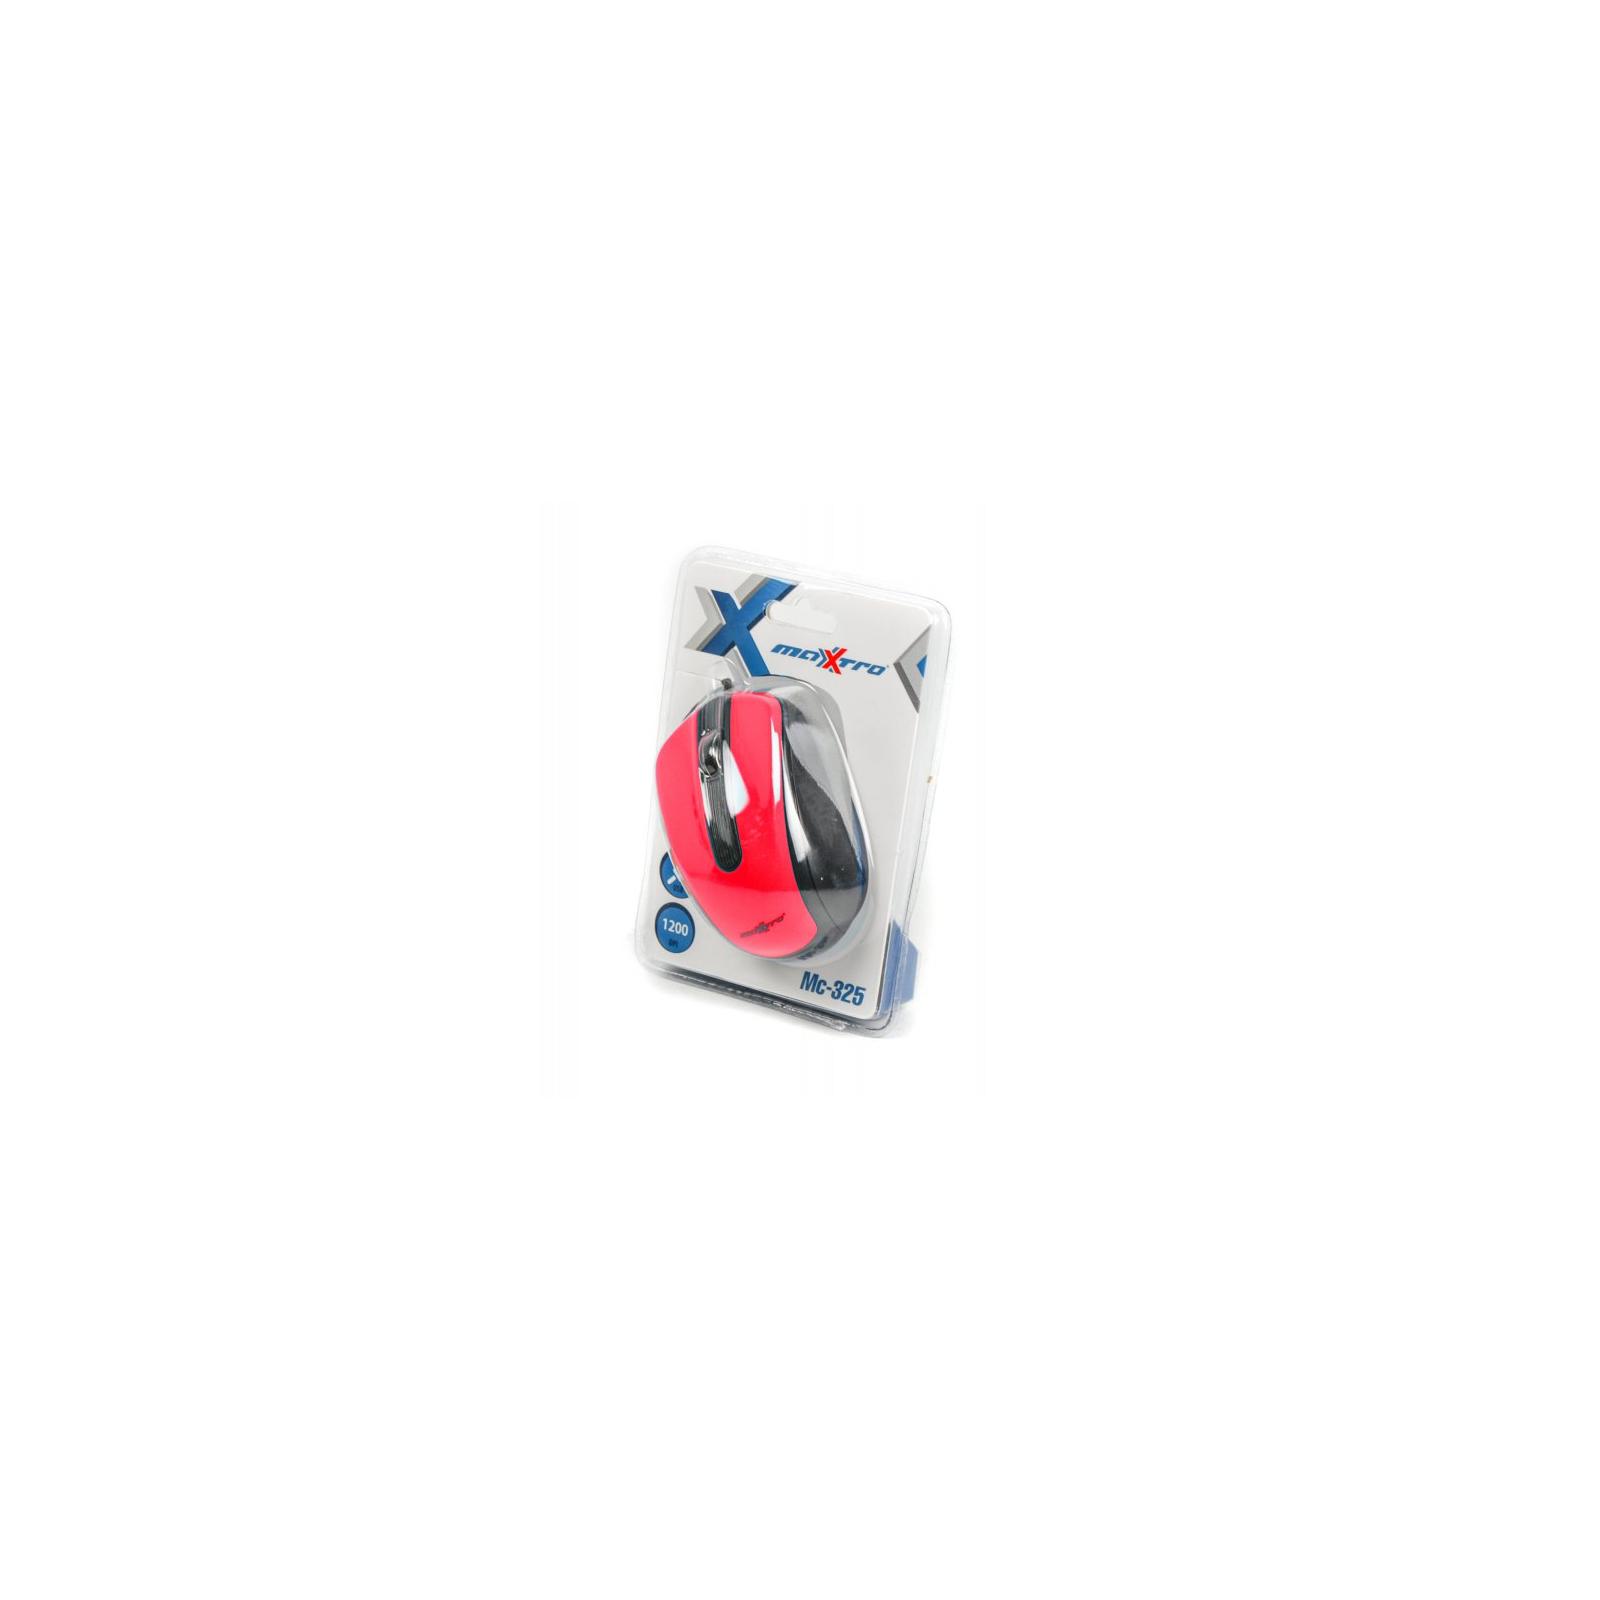 Мышка Maxxter Mc-325-R изображение 4